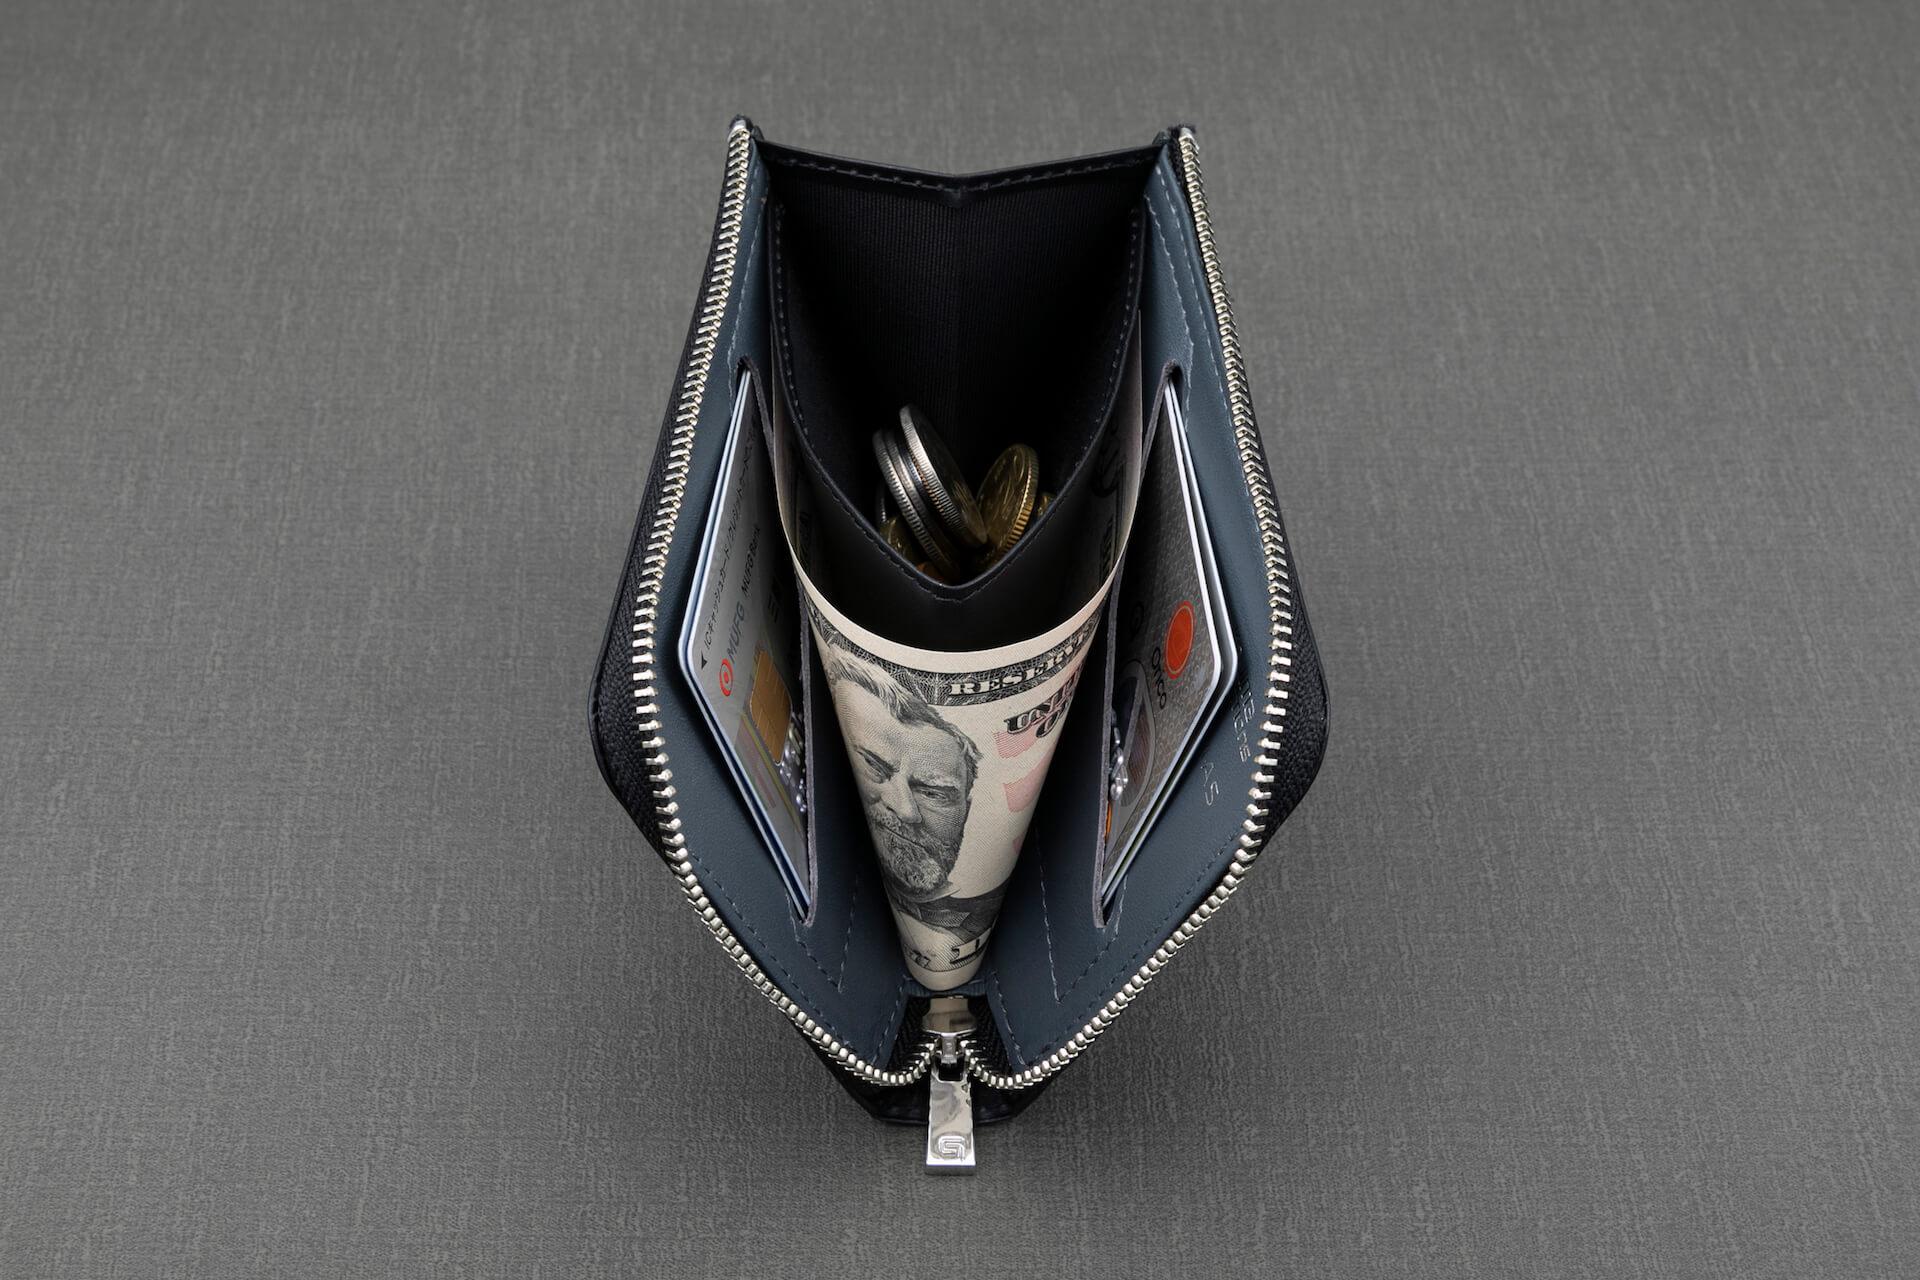 『デス・ストランディング』小島秀夫監督率いるコジマプロダクションのコラボミニ財布が追加販売決定! life191203_kojimaproduction_3